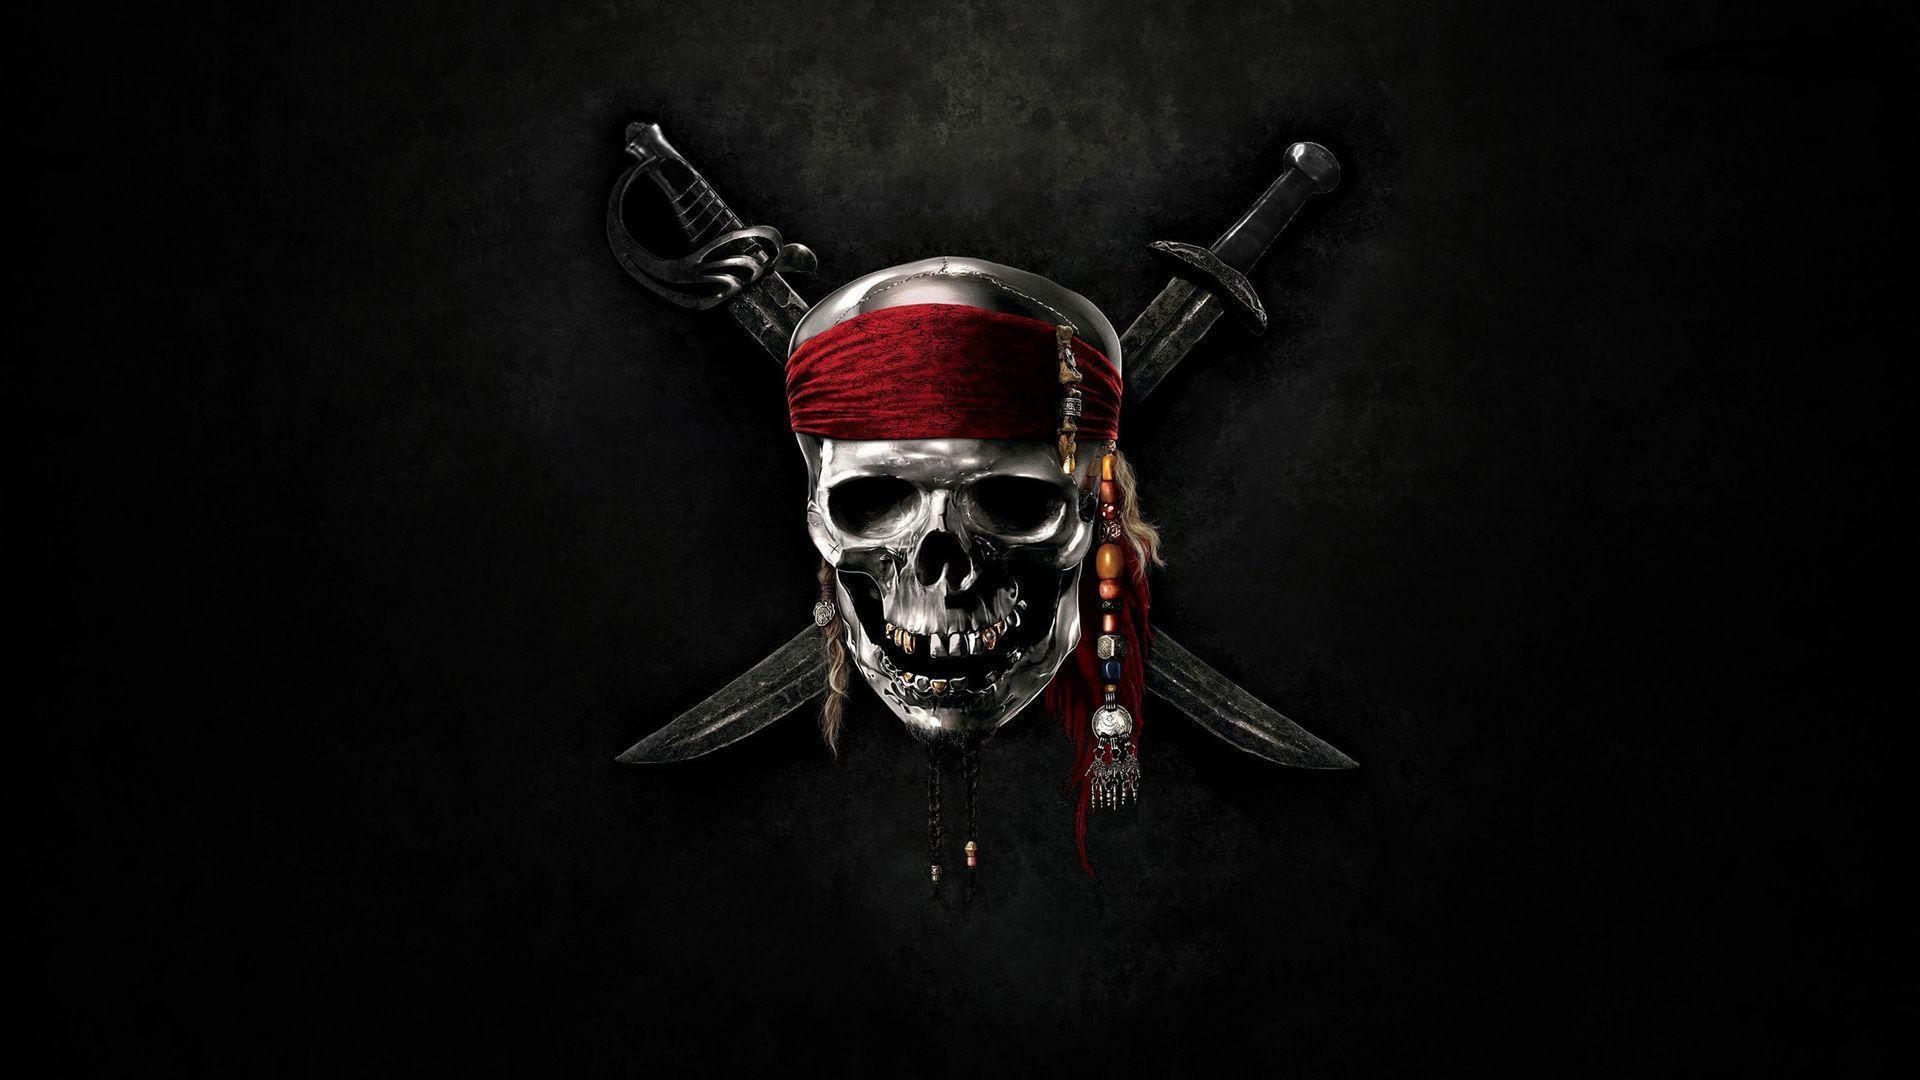 8 Bajak laut paling disegani di dunia, Jack Sparrow beneran ada?